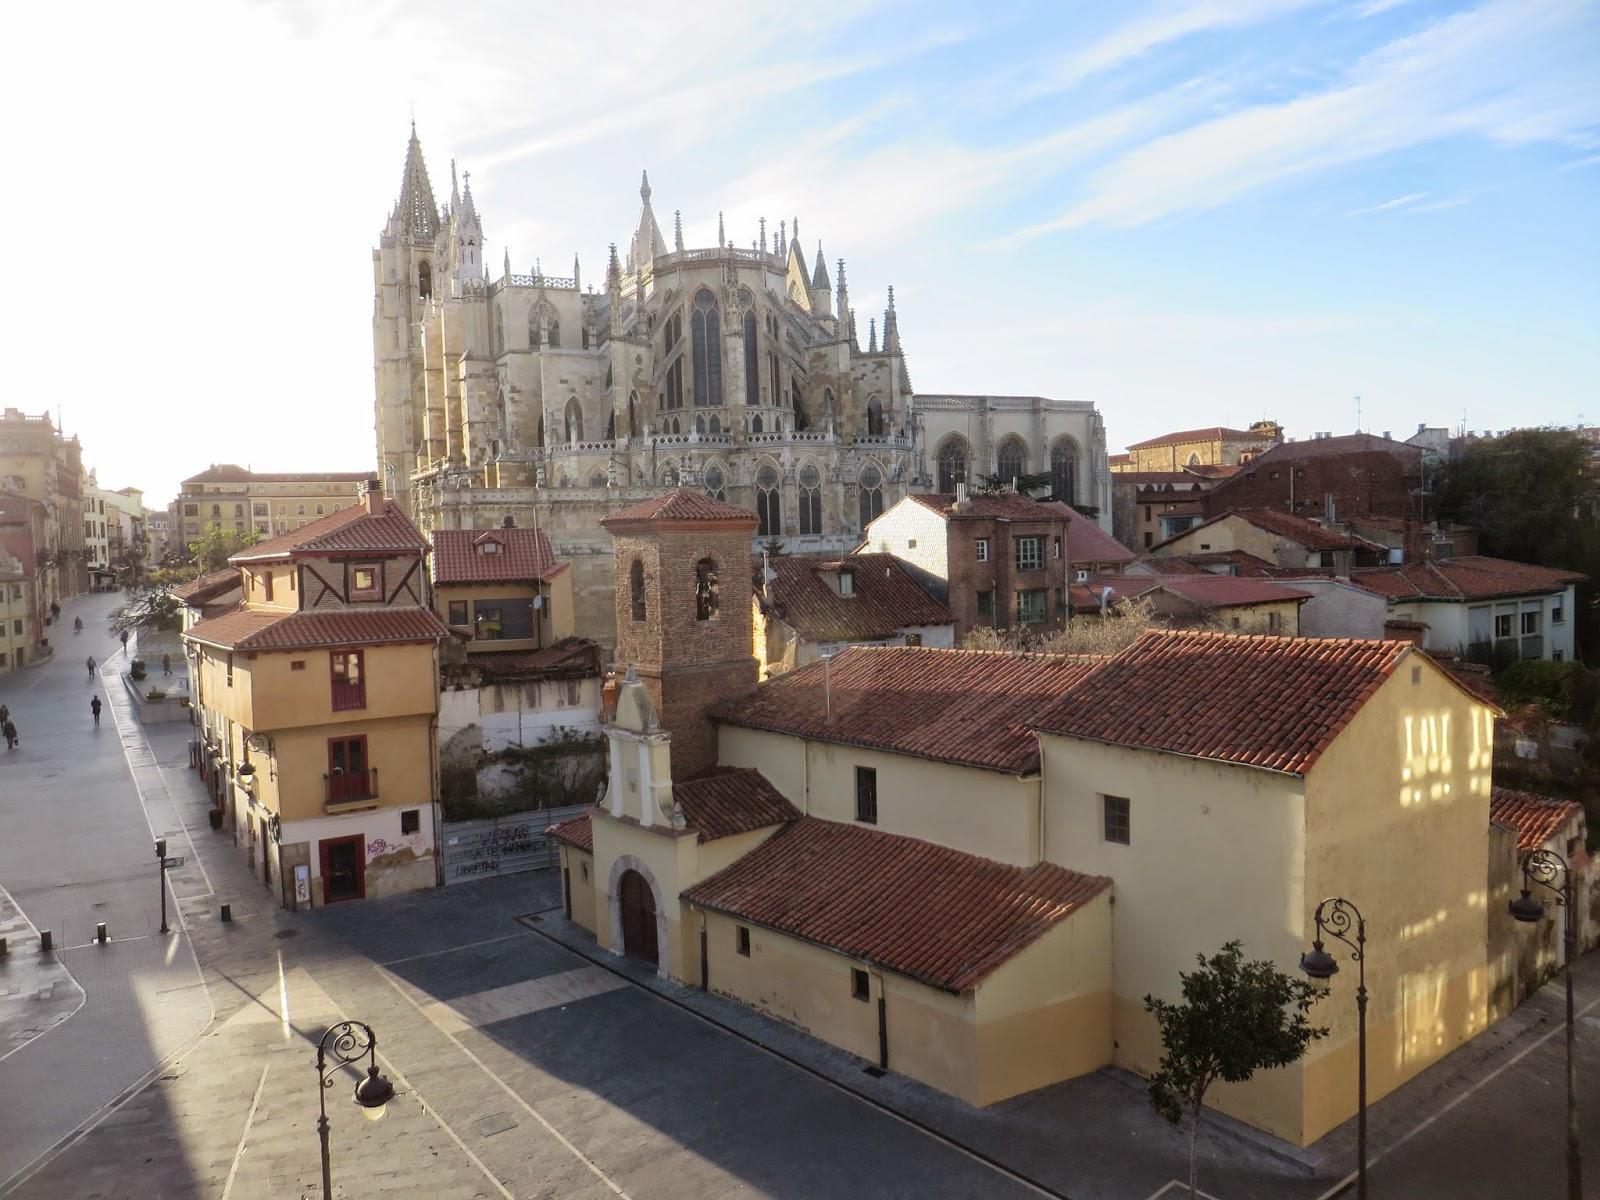 Si busca Empresa para, reformas integrales de viviendas y tejados en León, le ofrecemos presupuestos sin compromiso